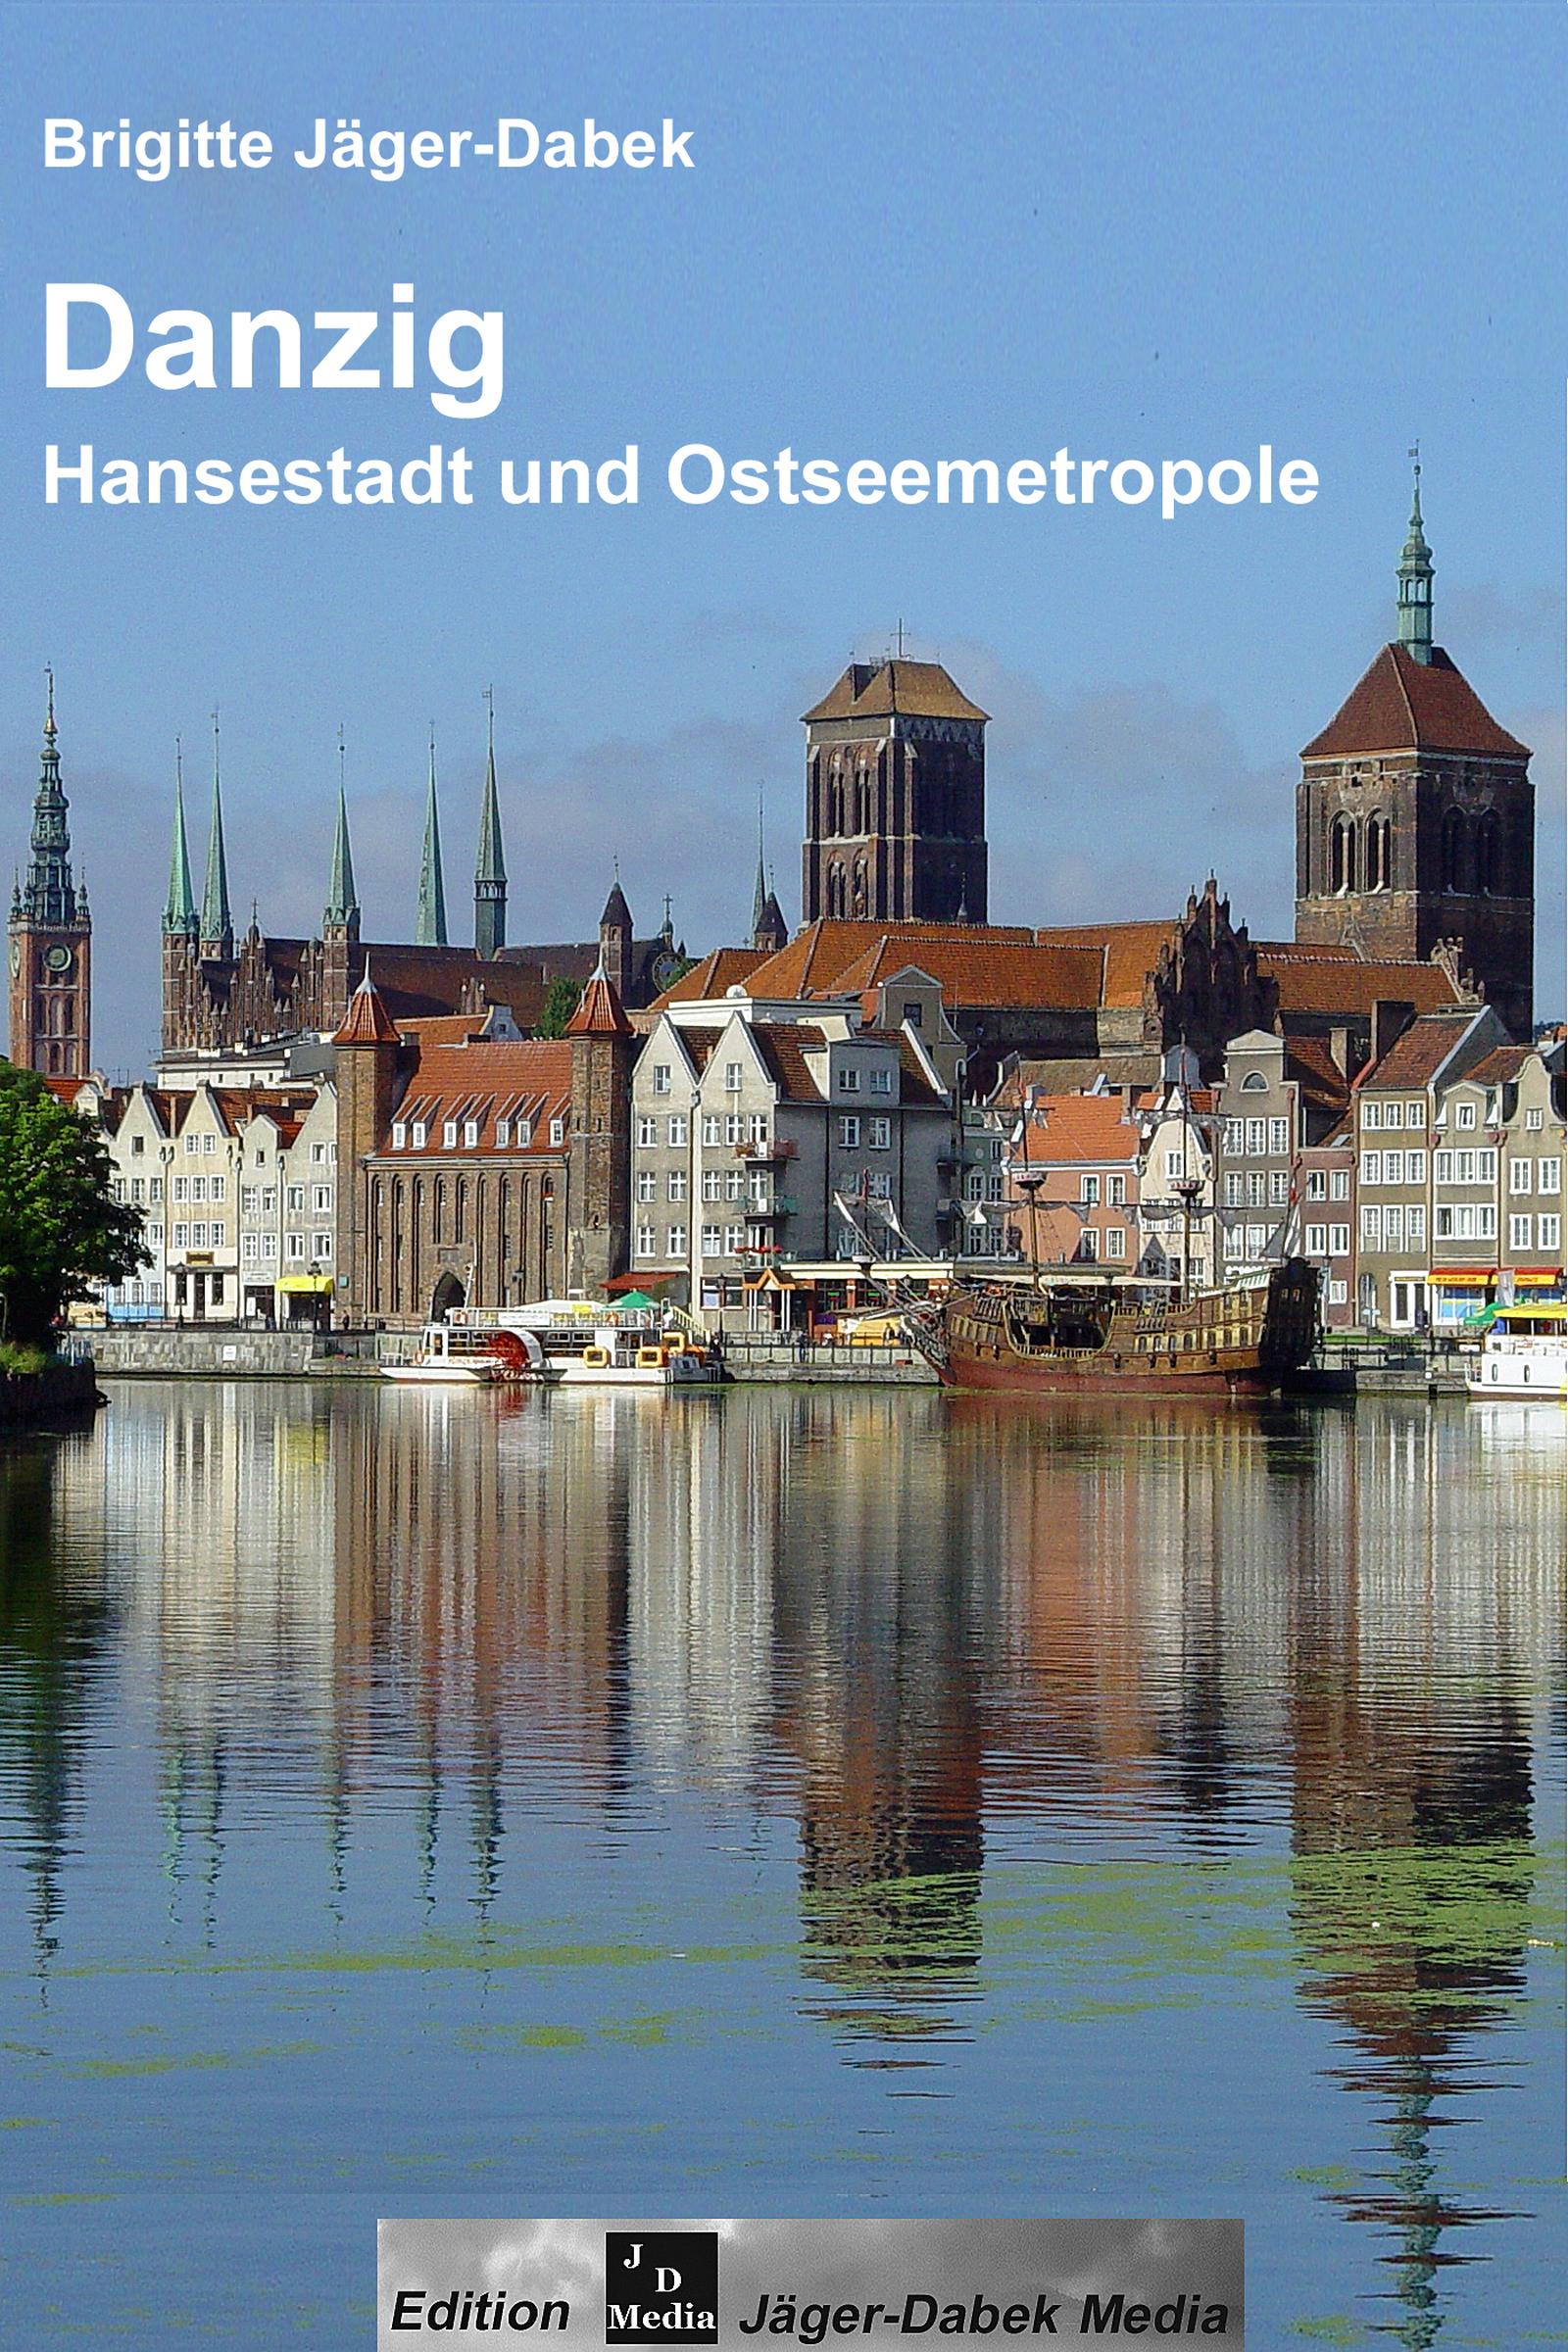 Danzig. Hansestadt und Ostseemetropole, Cover